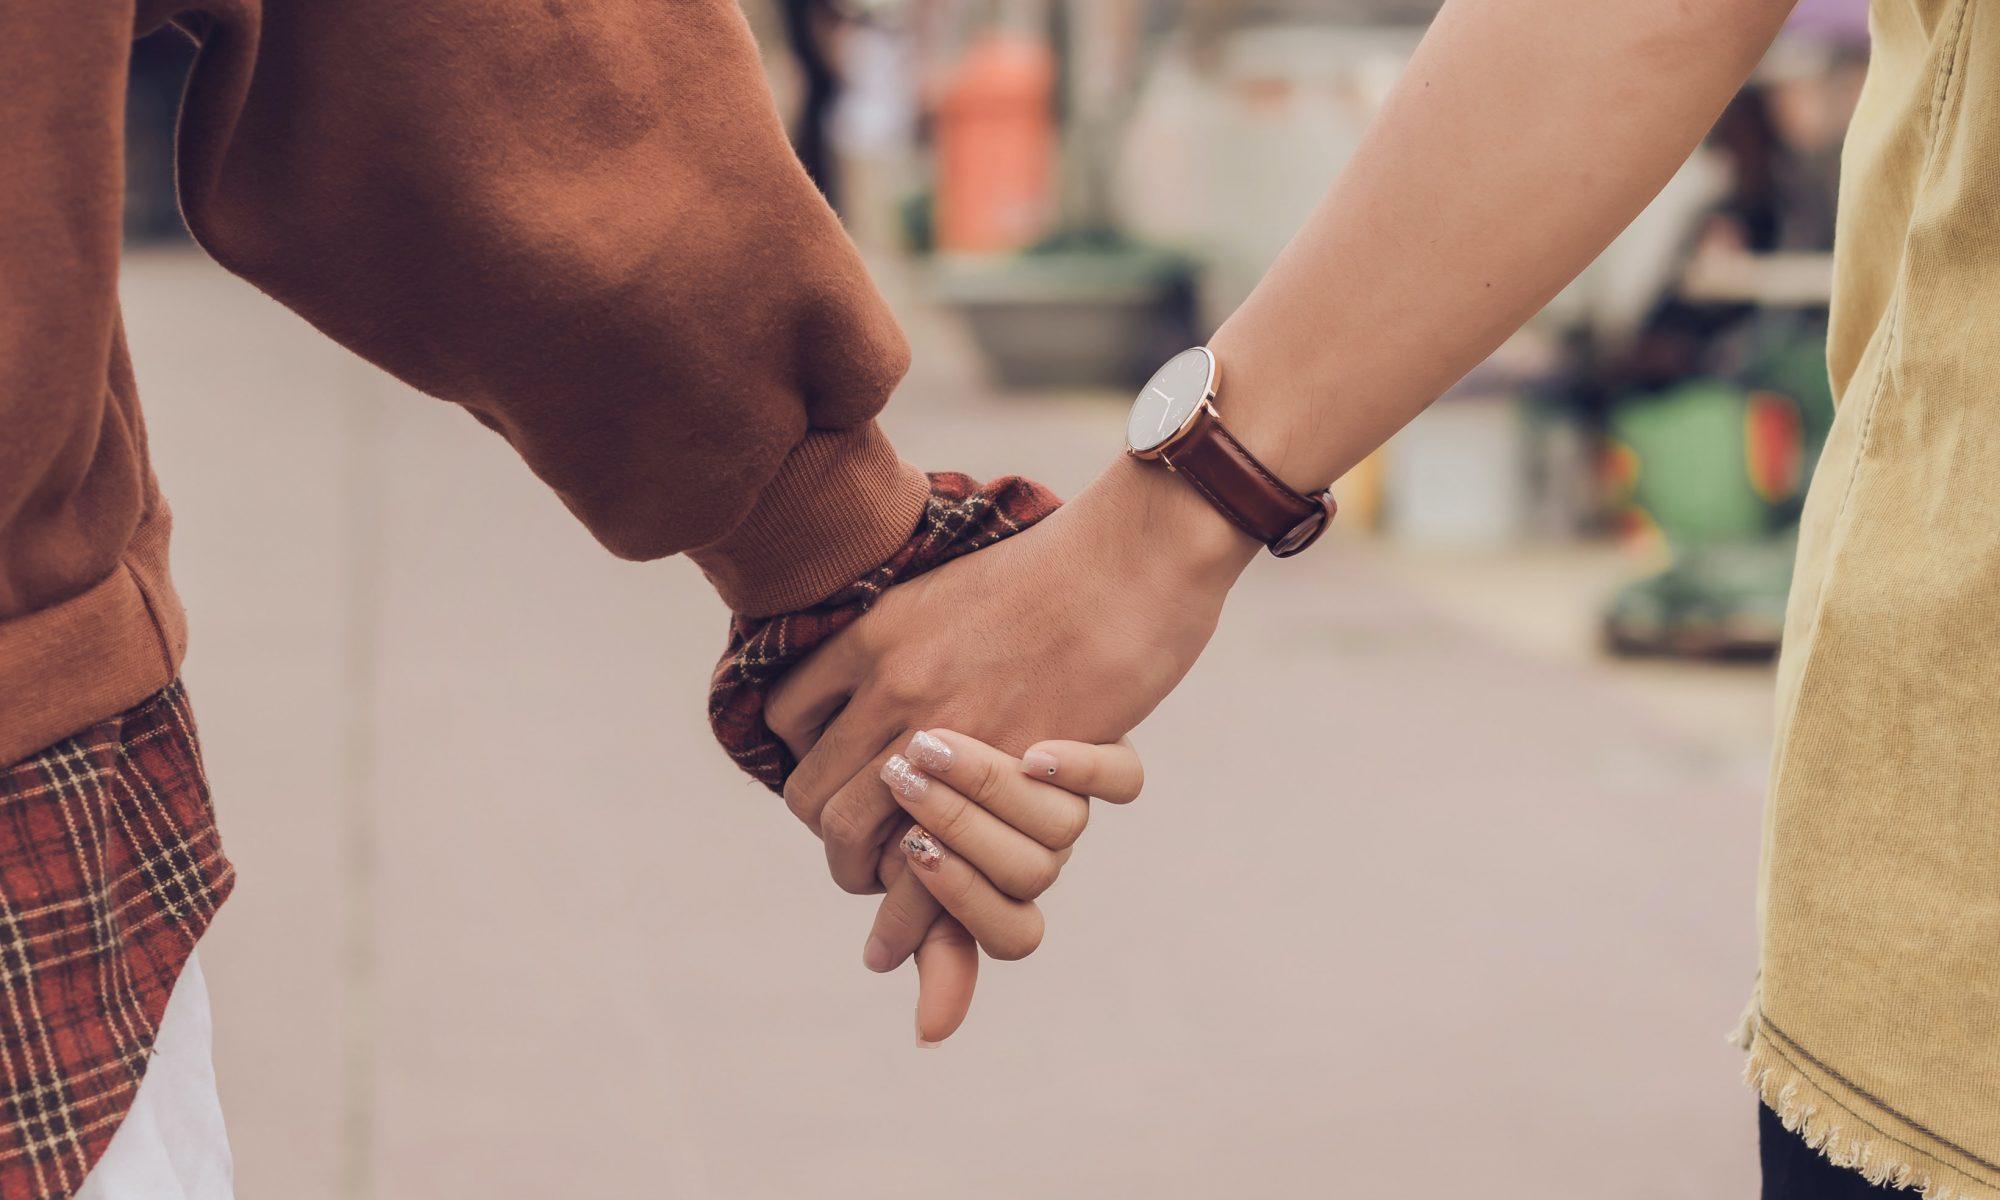 Liebe und verehre dich wie eine Götting - Selbstakzeptanz